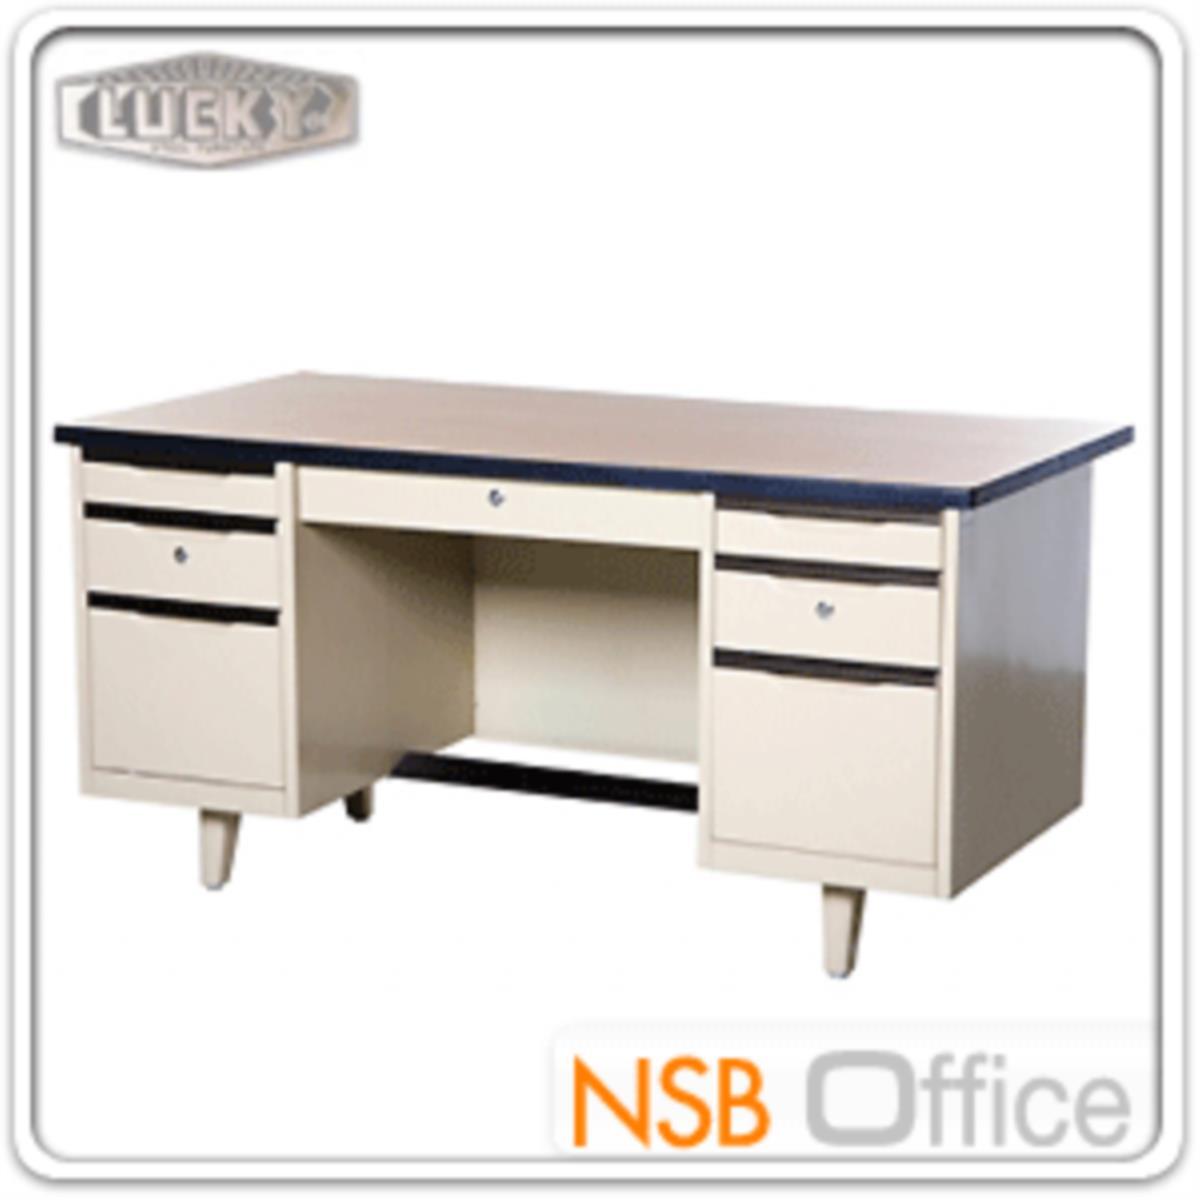 โต๊ะทำงานเหล็ก 7 ลิ้นชัก ยี่ห้อลัคกี้  รุ่น NTC-2654,NTC-3060,NTC-3472 โฟเมก้าลายไม้